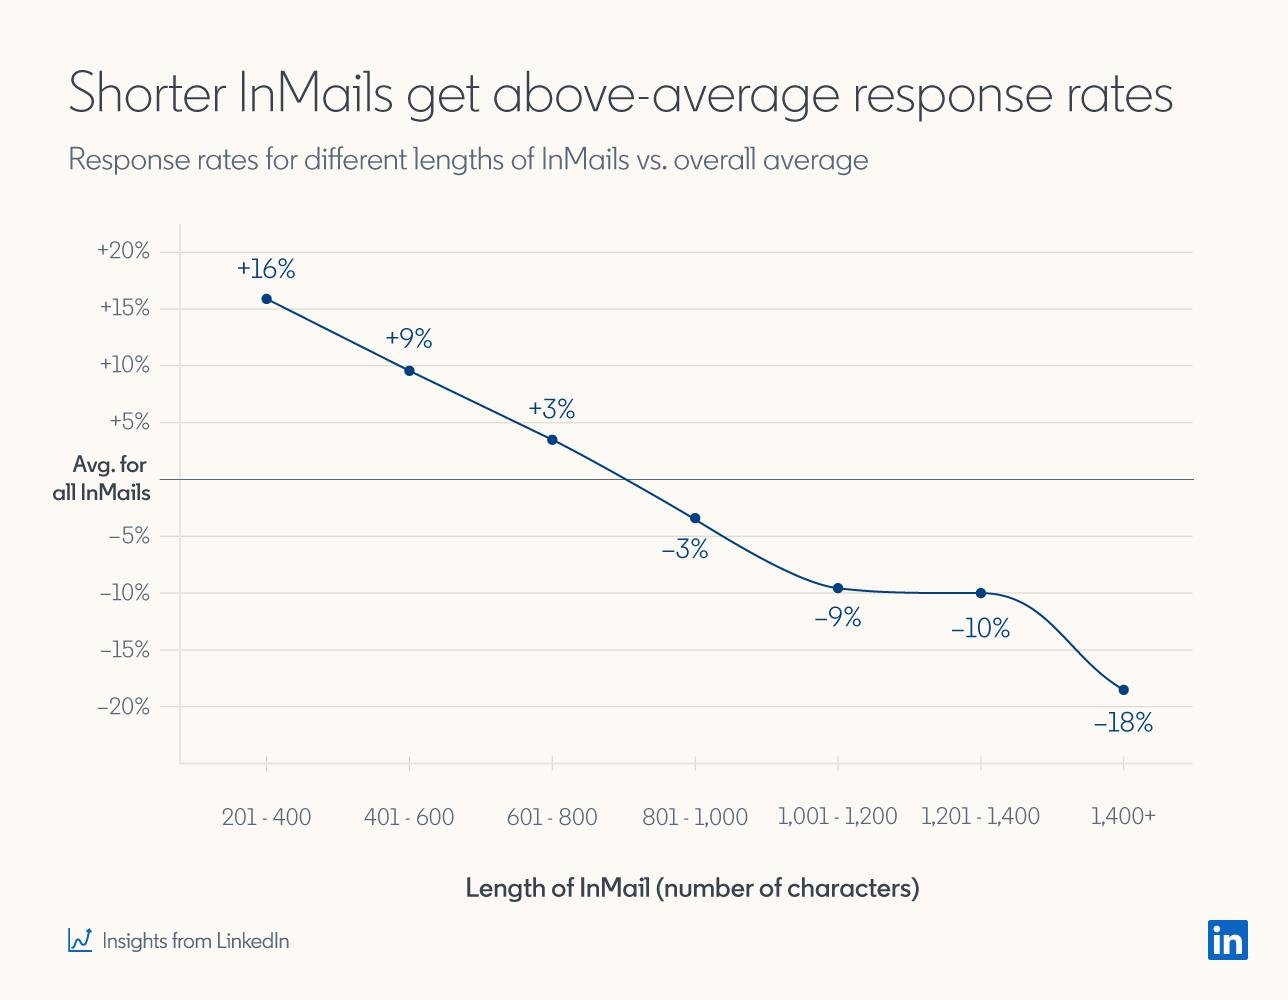 График, показывающий, что более короткие сообщения InMails получают ответы выше среднего